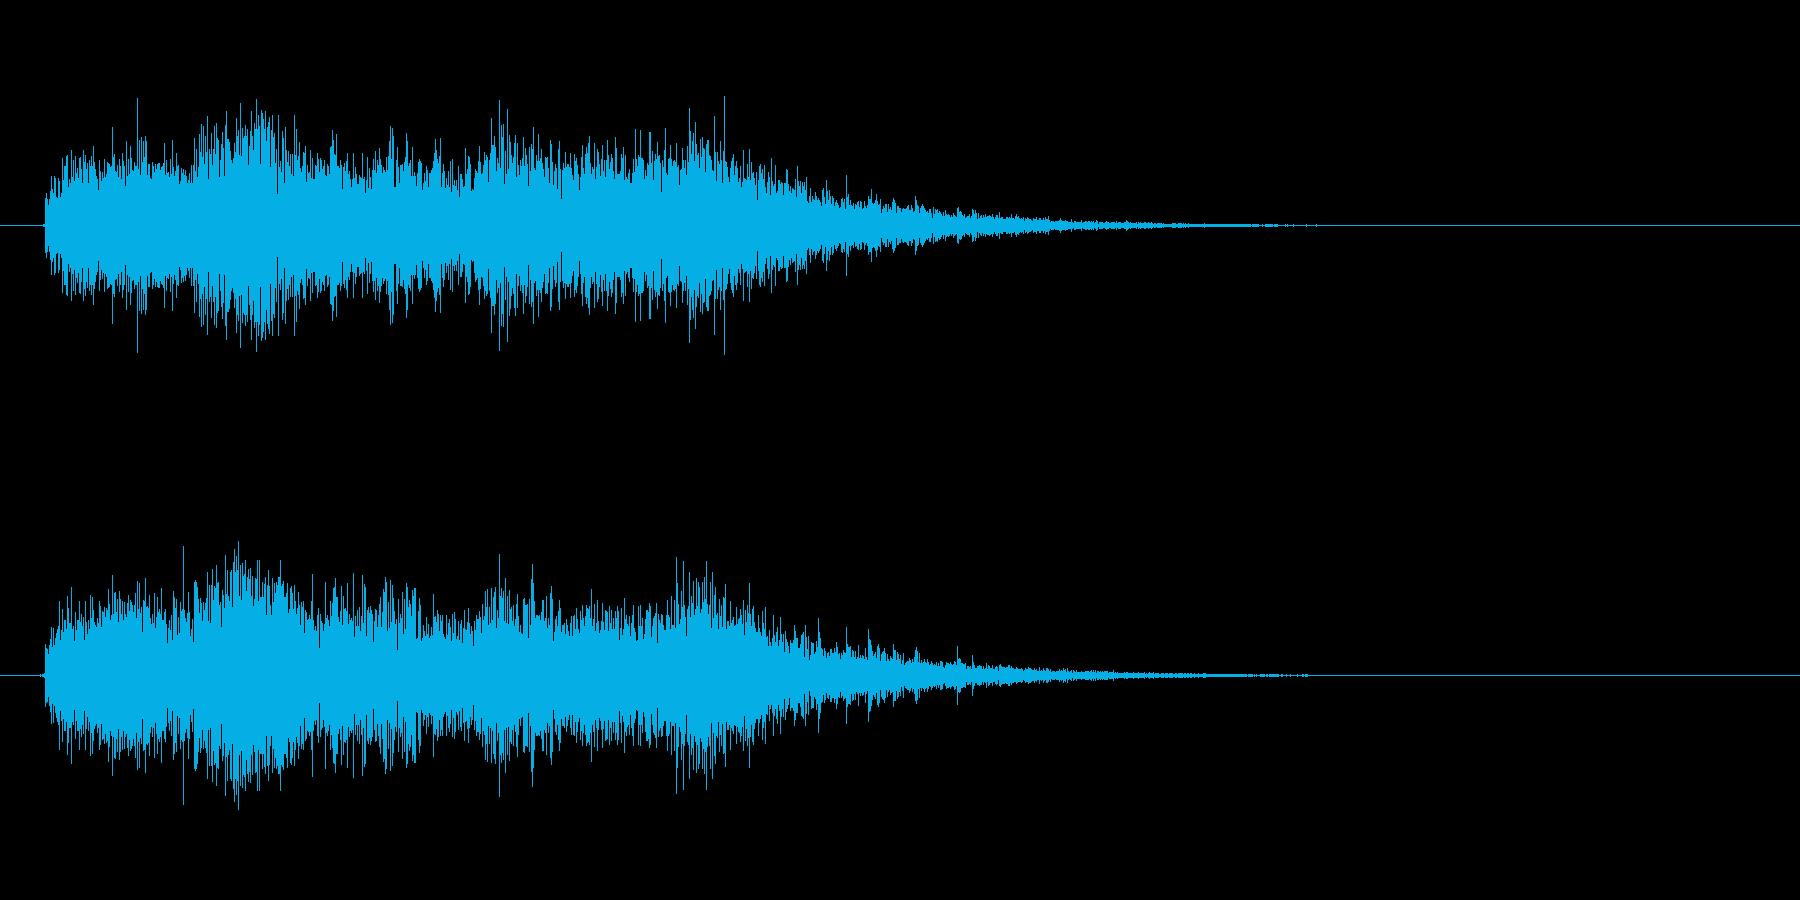 恐ろしい巨大クリーチャー、モンスター咆哮の再生済みの波形